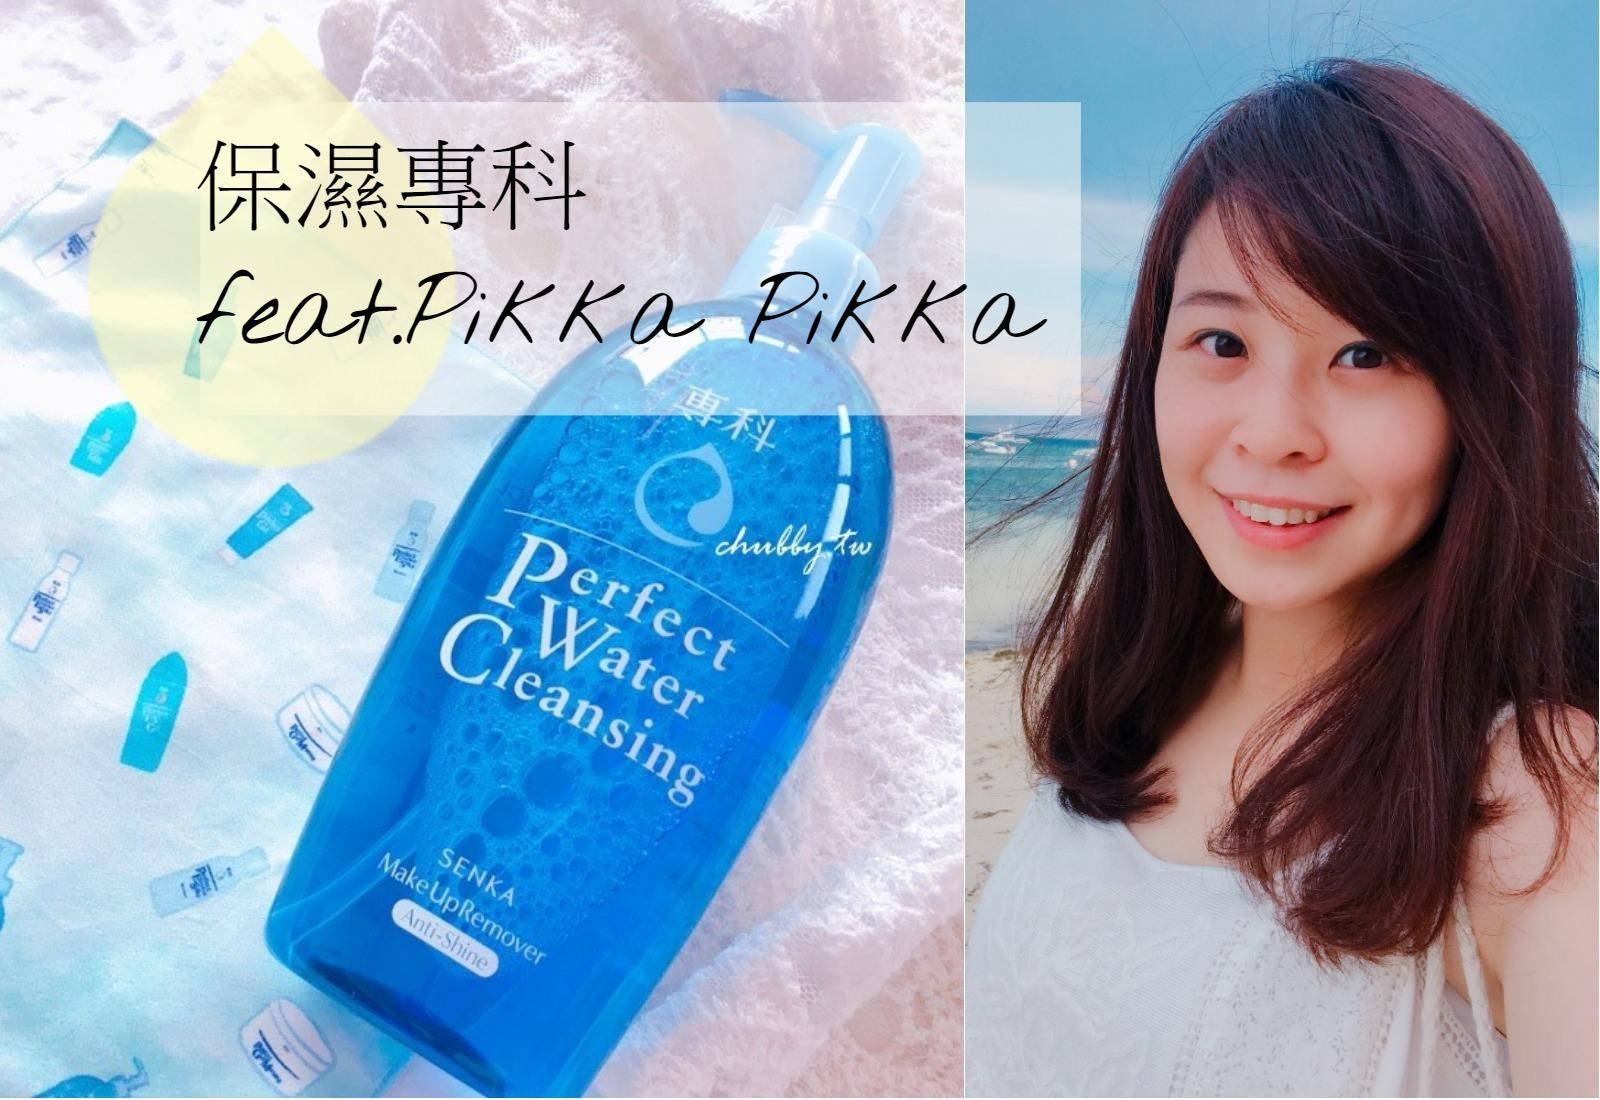 超強起泡器!如何用一塊布輕鬆擁有豐厚綿密完美的洗臉泡泡│保濕專科終於和Pikka Pikka聯名了!